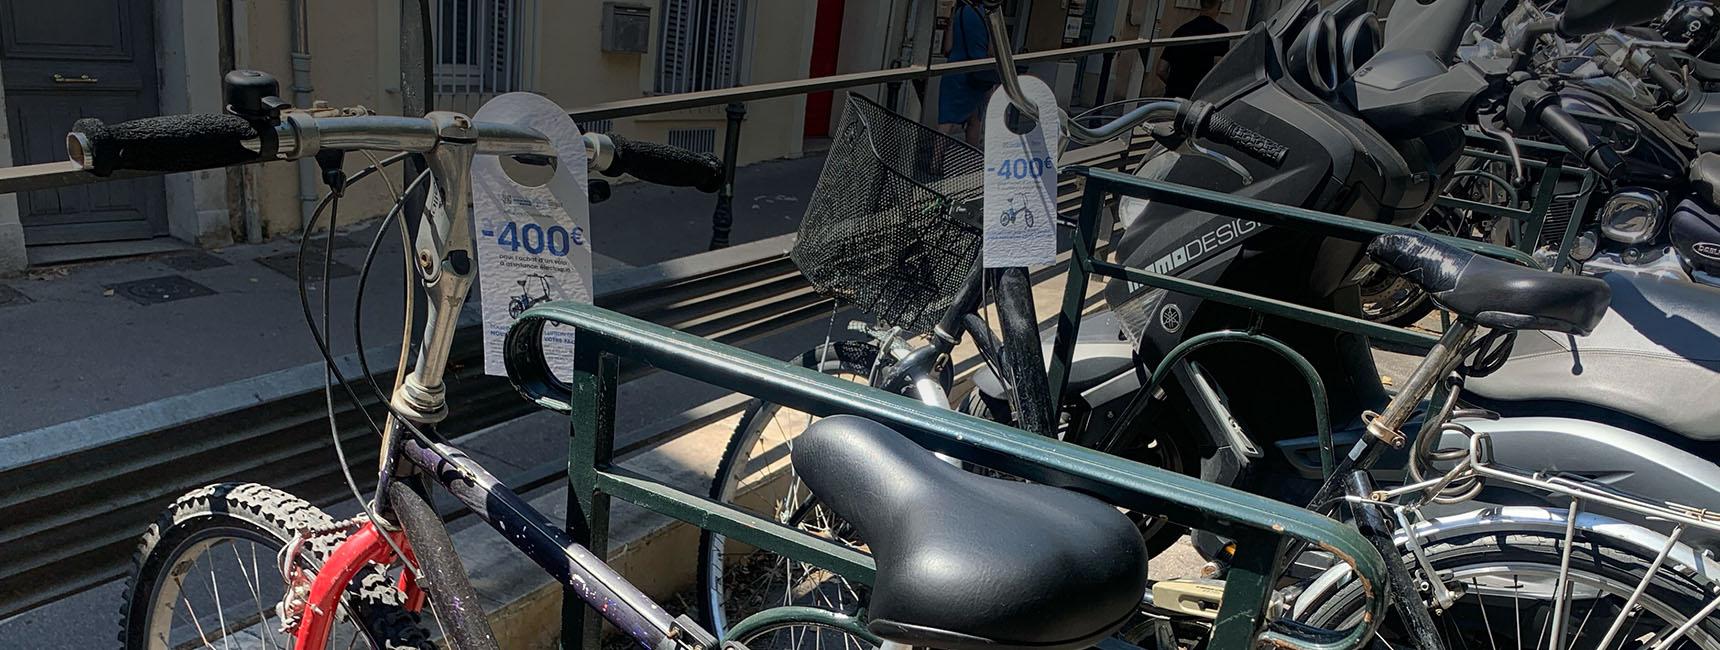 Street Marketing cravates pour le Conseil départemental des Bouches-du-Rhône - Keemia Marseille agence de Marketing locale en région PACA